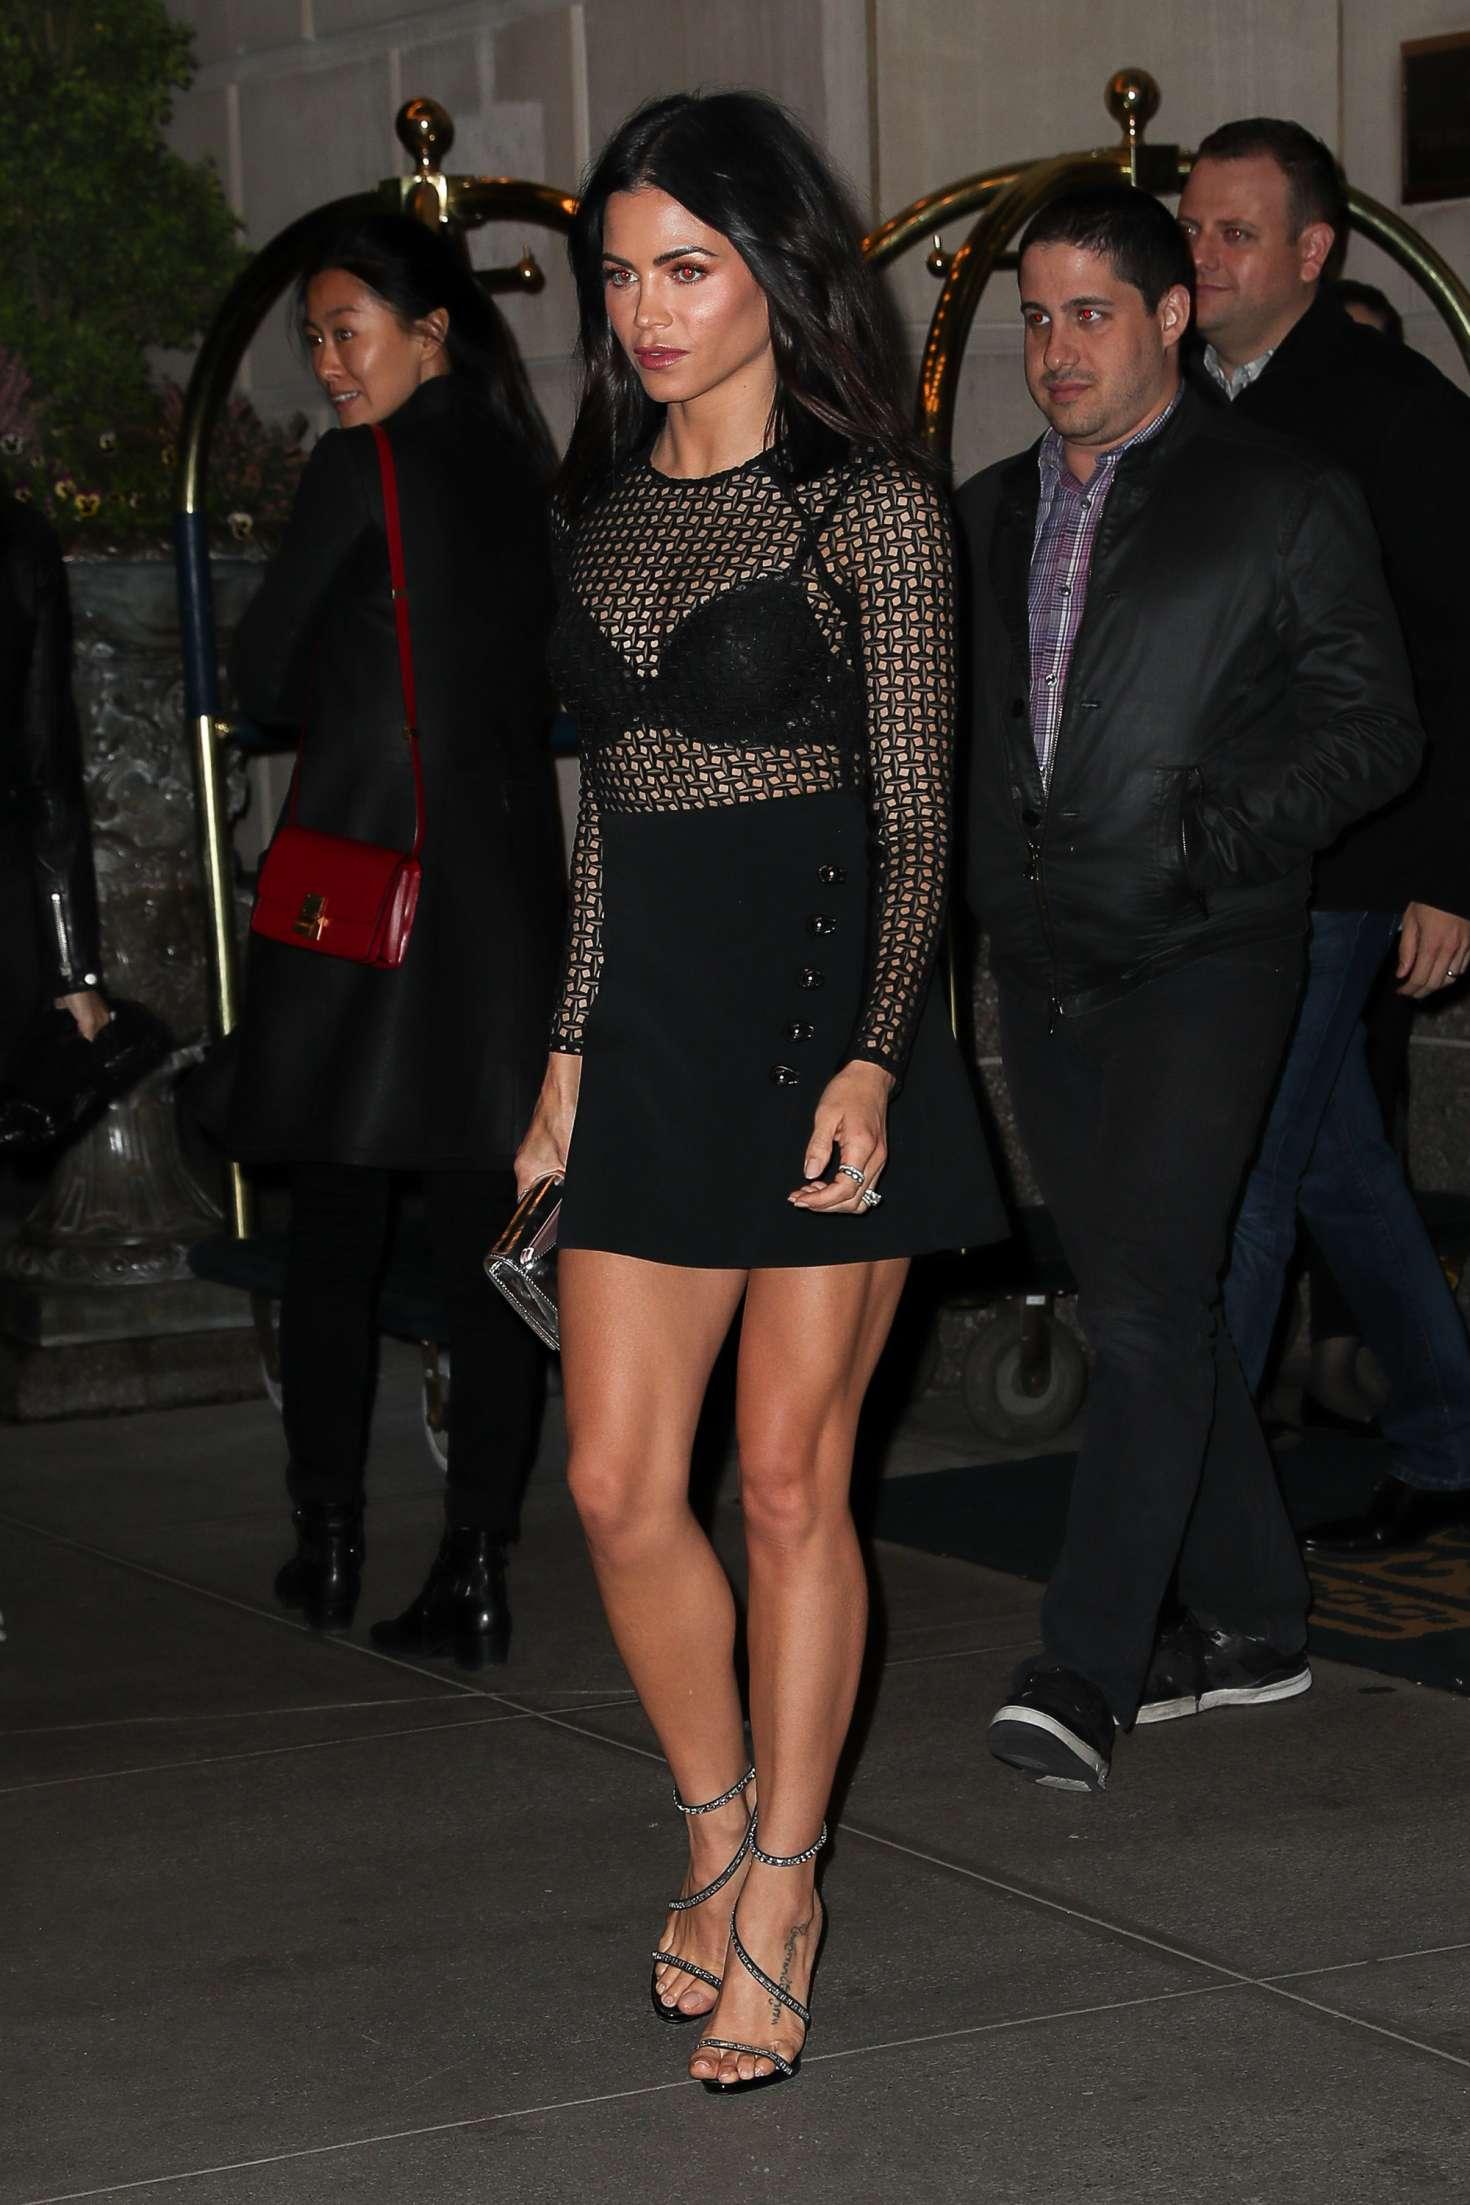 Jenna Dewan Tatum 2017 : Jenna Dewan Tatum Leaving her hotel -03